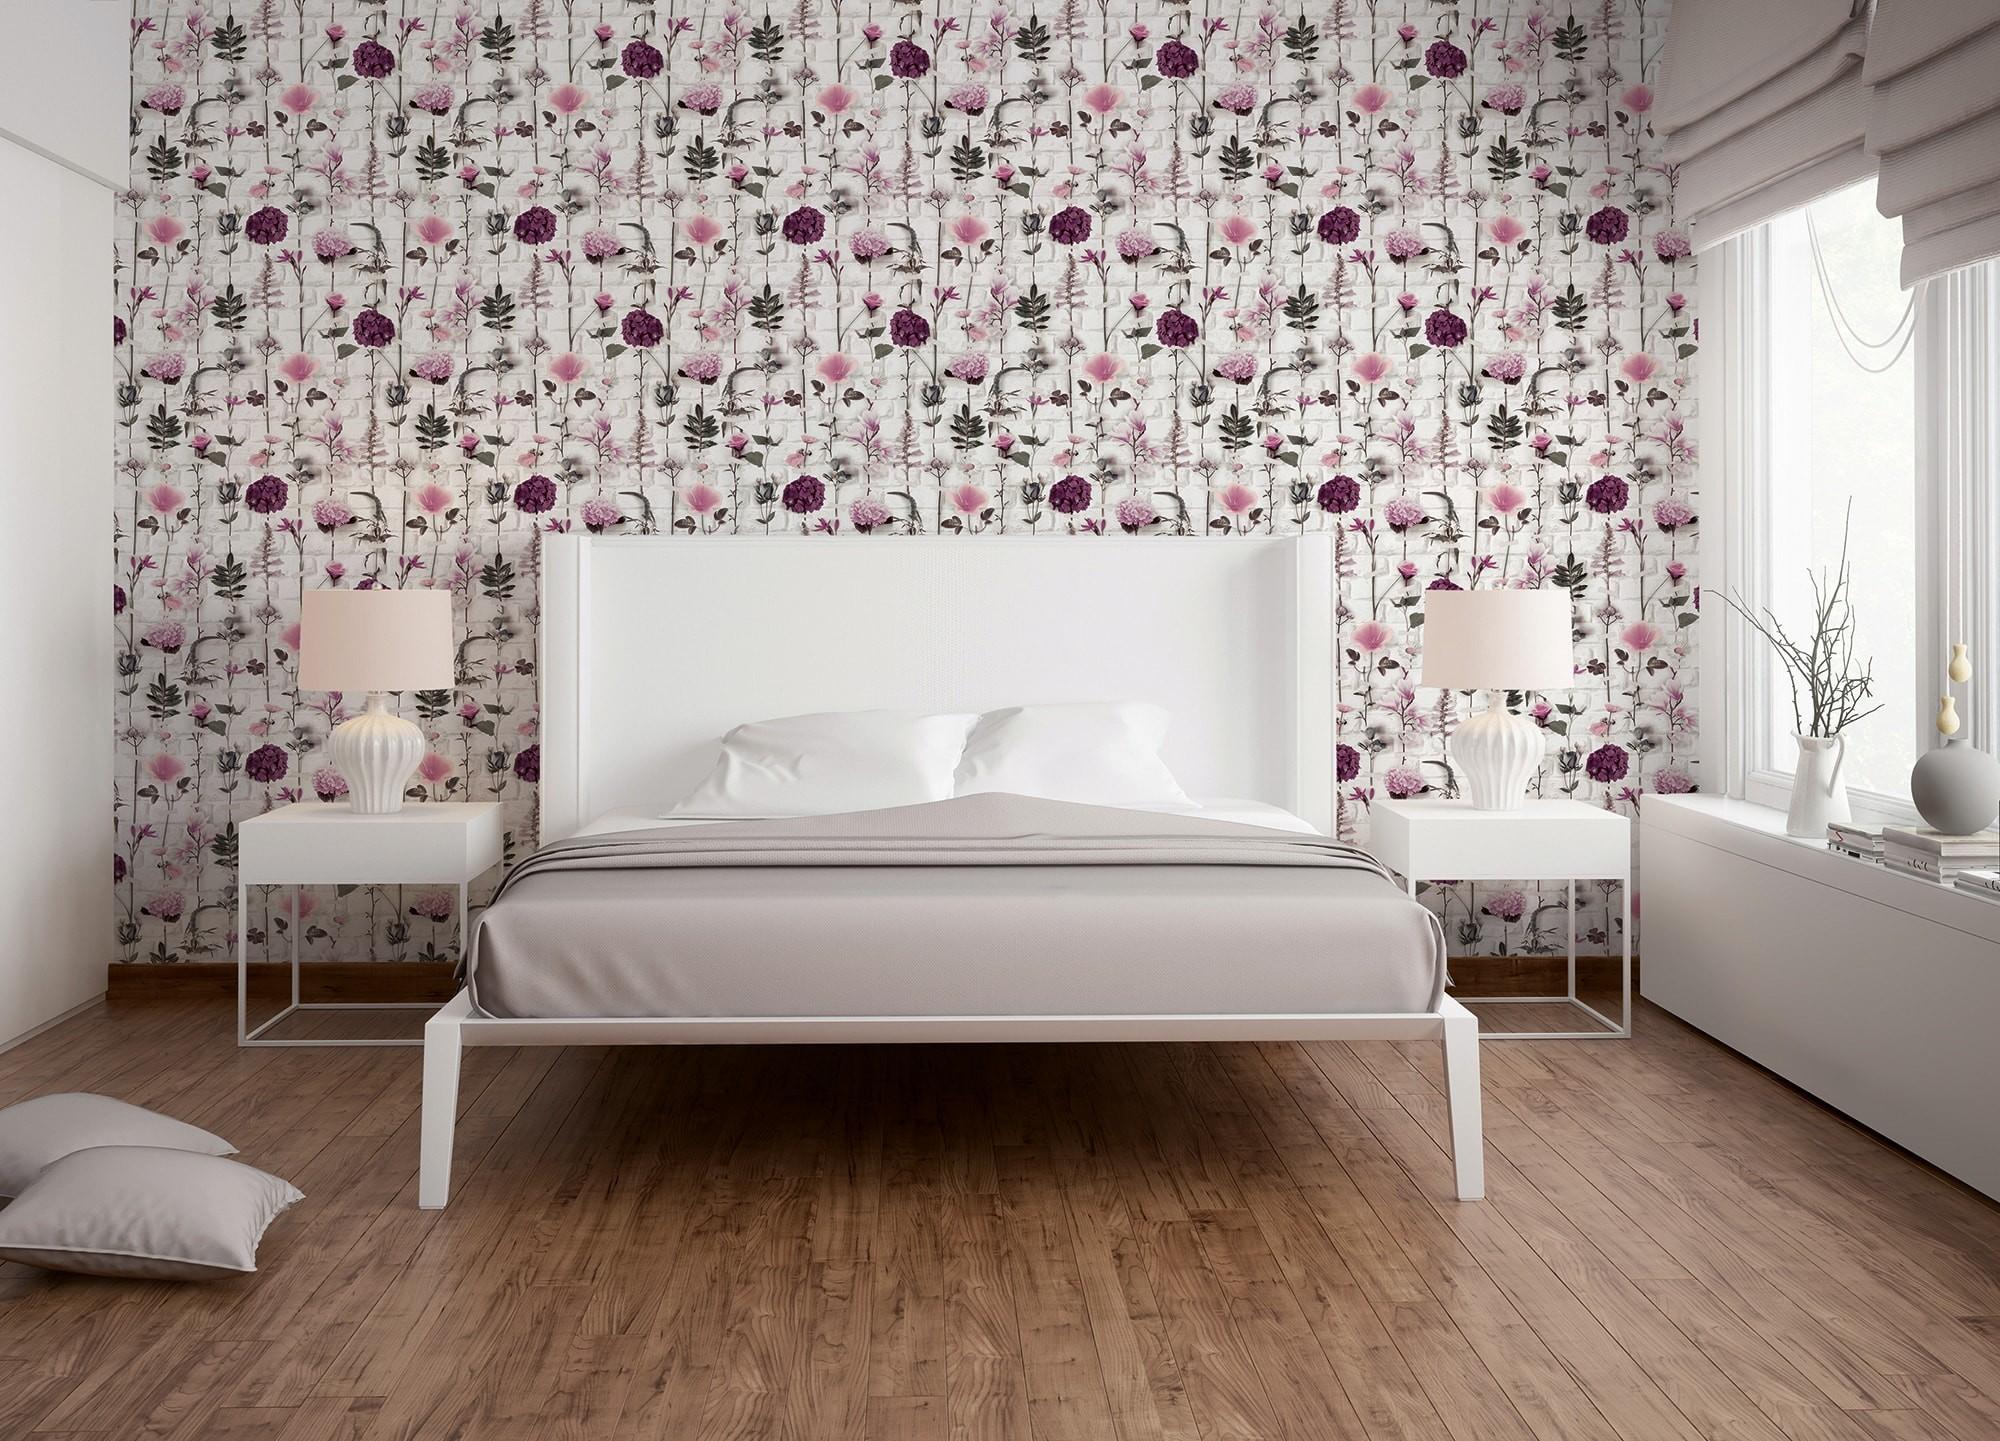 Sfondi vintage per blog 40 immagini - Carta da parati camera da letto moderna ...